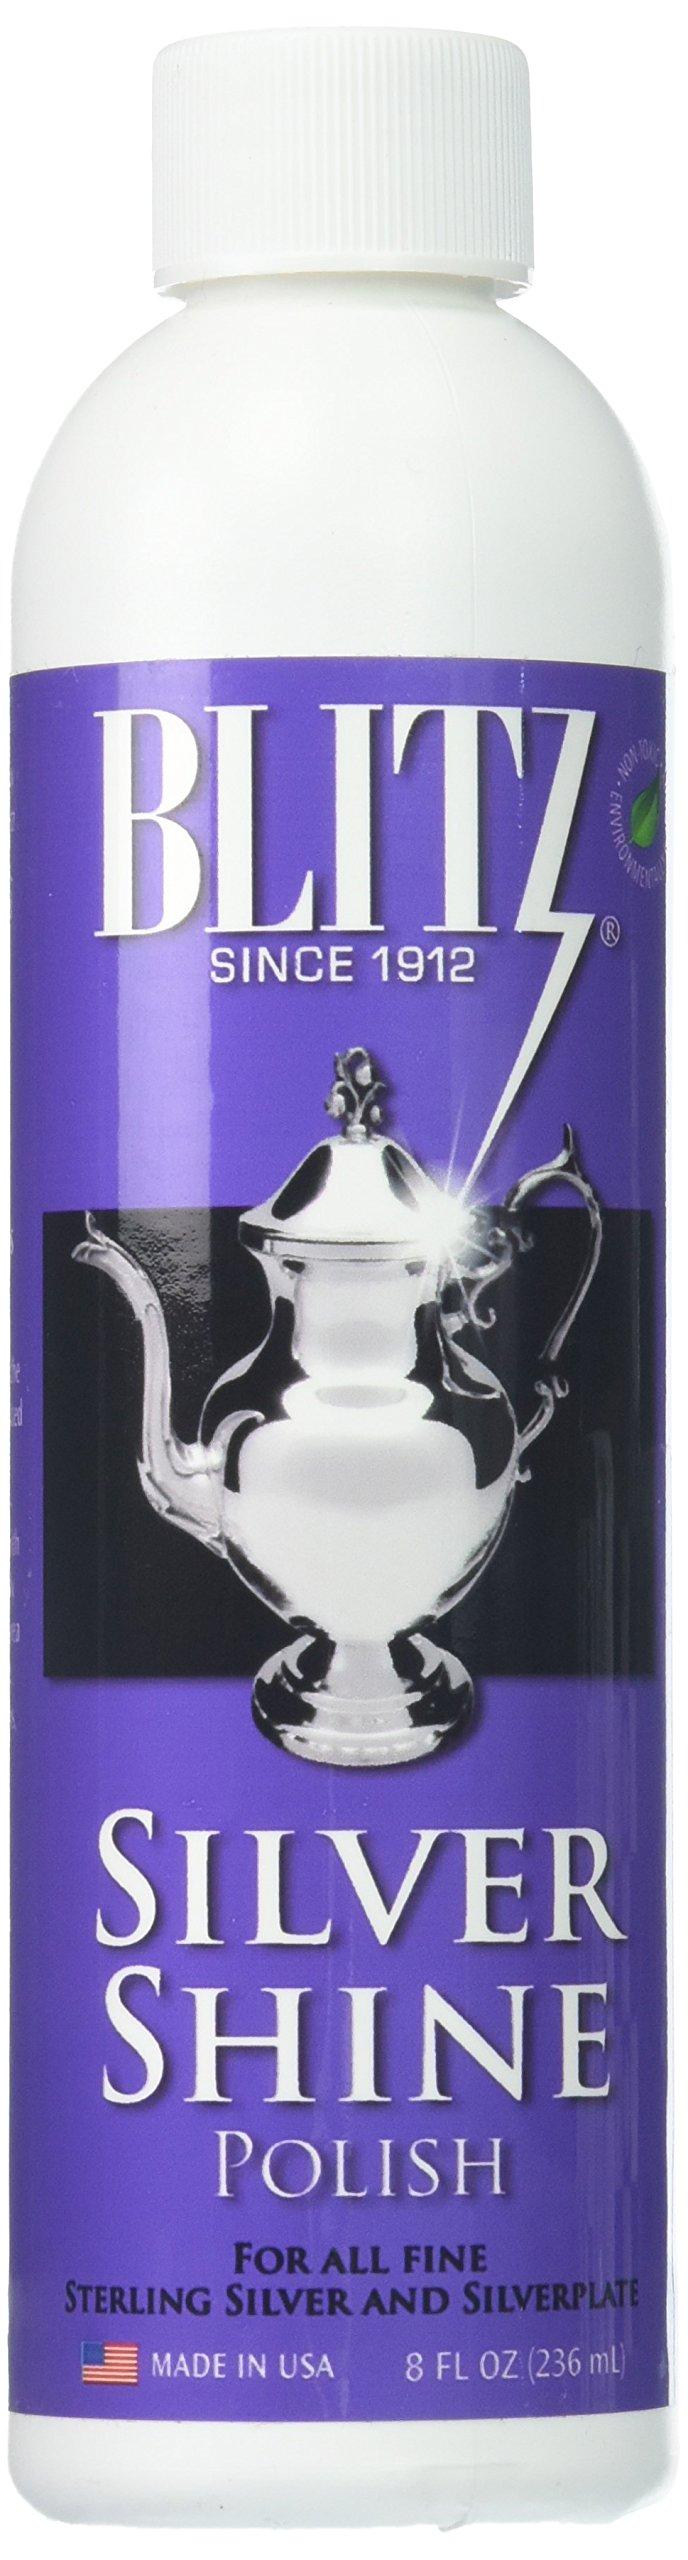 Blitz Silver Shine Polish Non-toxic Environmentally Safe 8 Oz